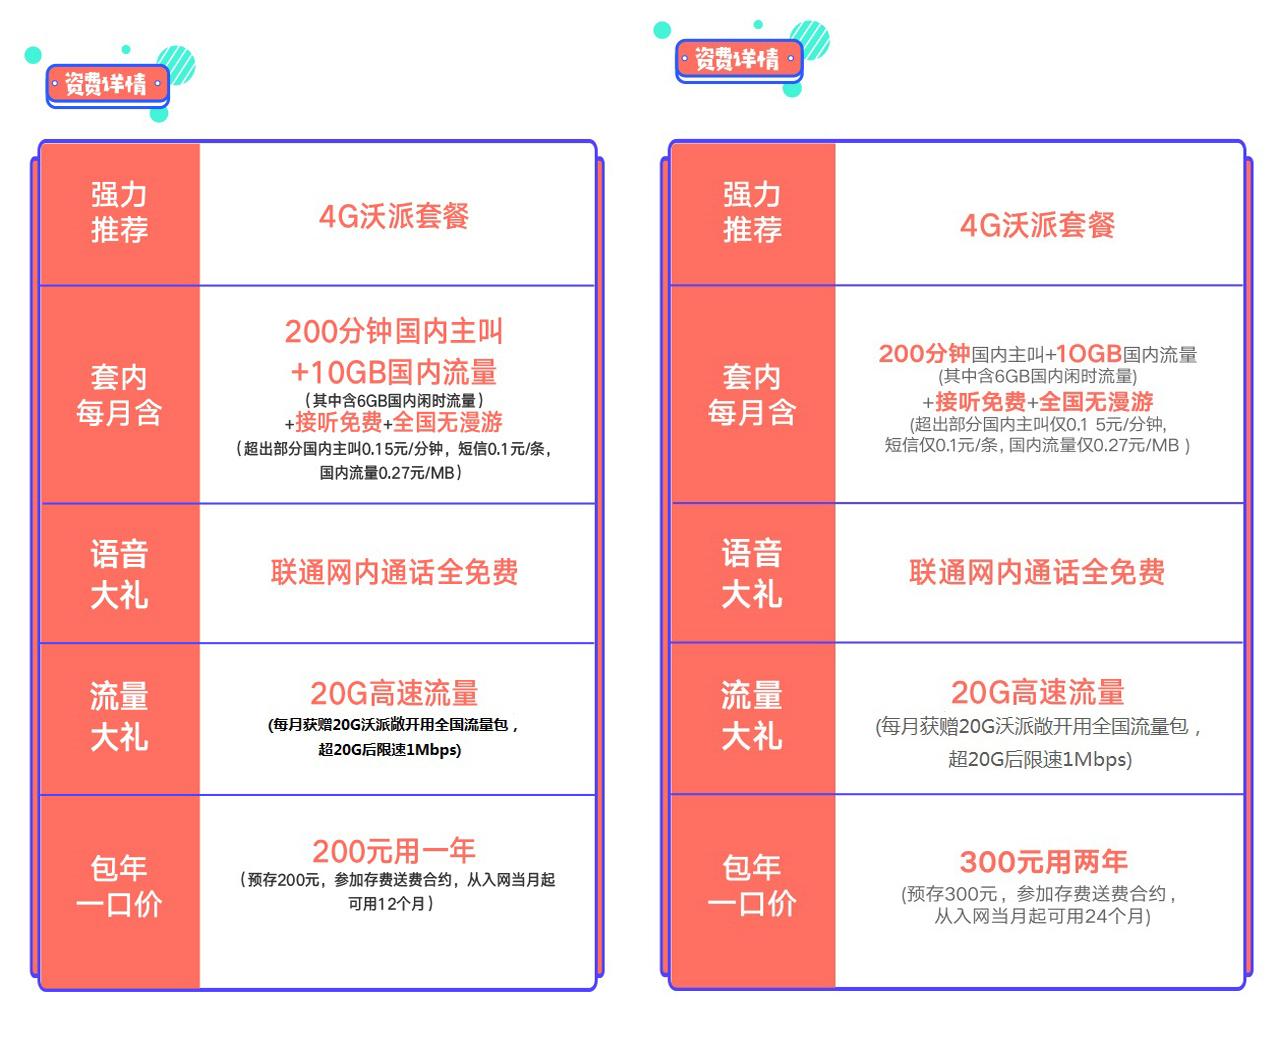 北京联通校园卡即将升级,25岁以上的赶紧申请